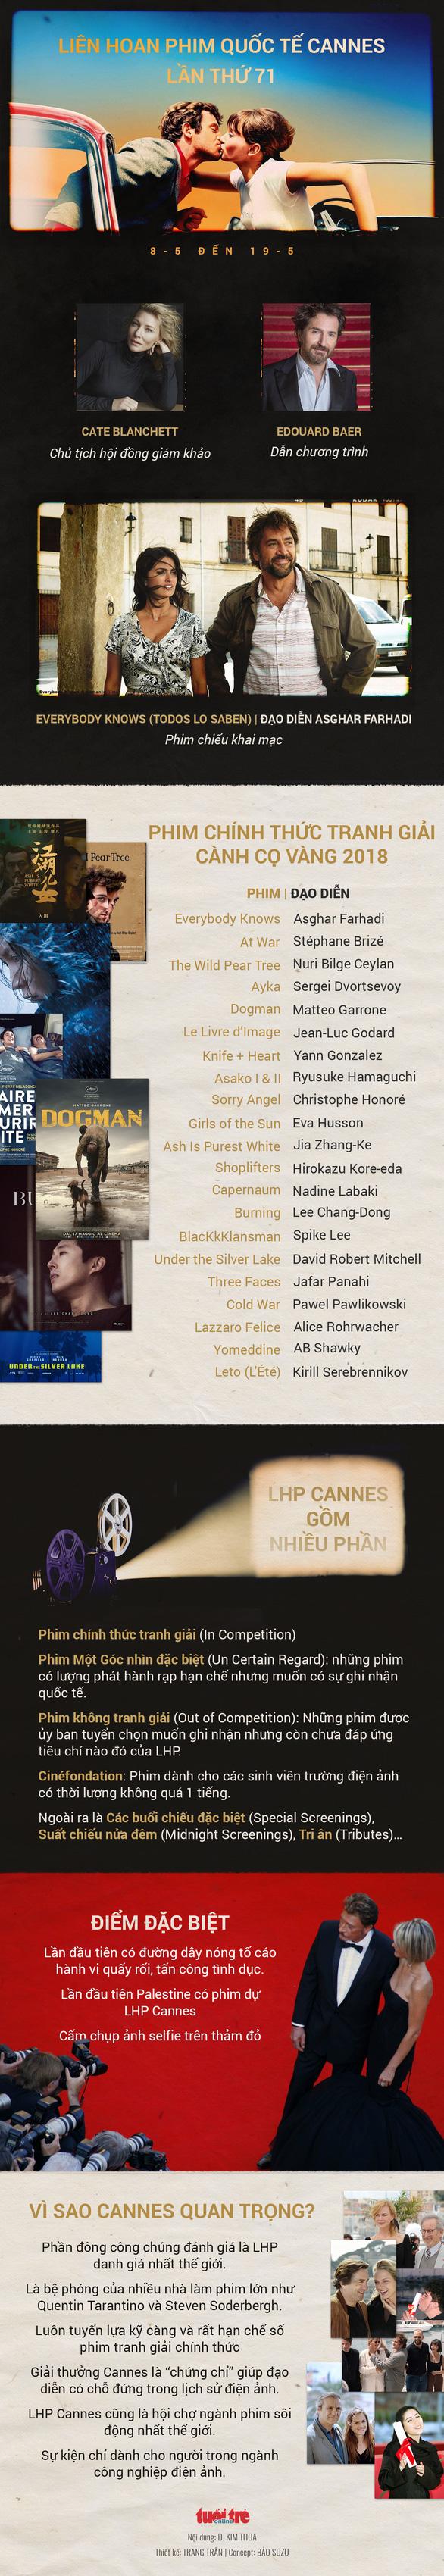 Dàn người đẹp vô danh và phản cảm trên thảm đỏ Cannes - Ảnh 16.